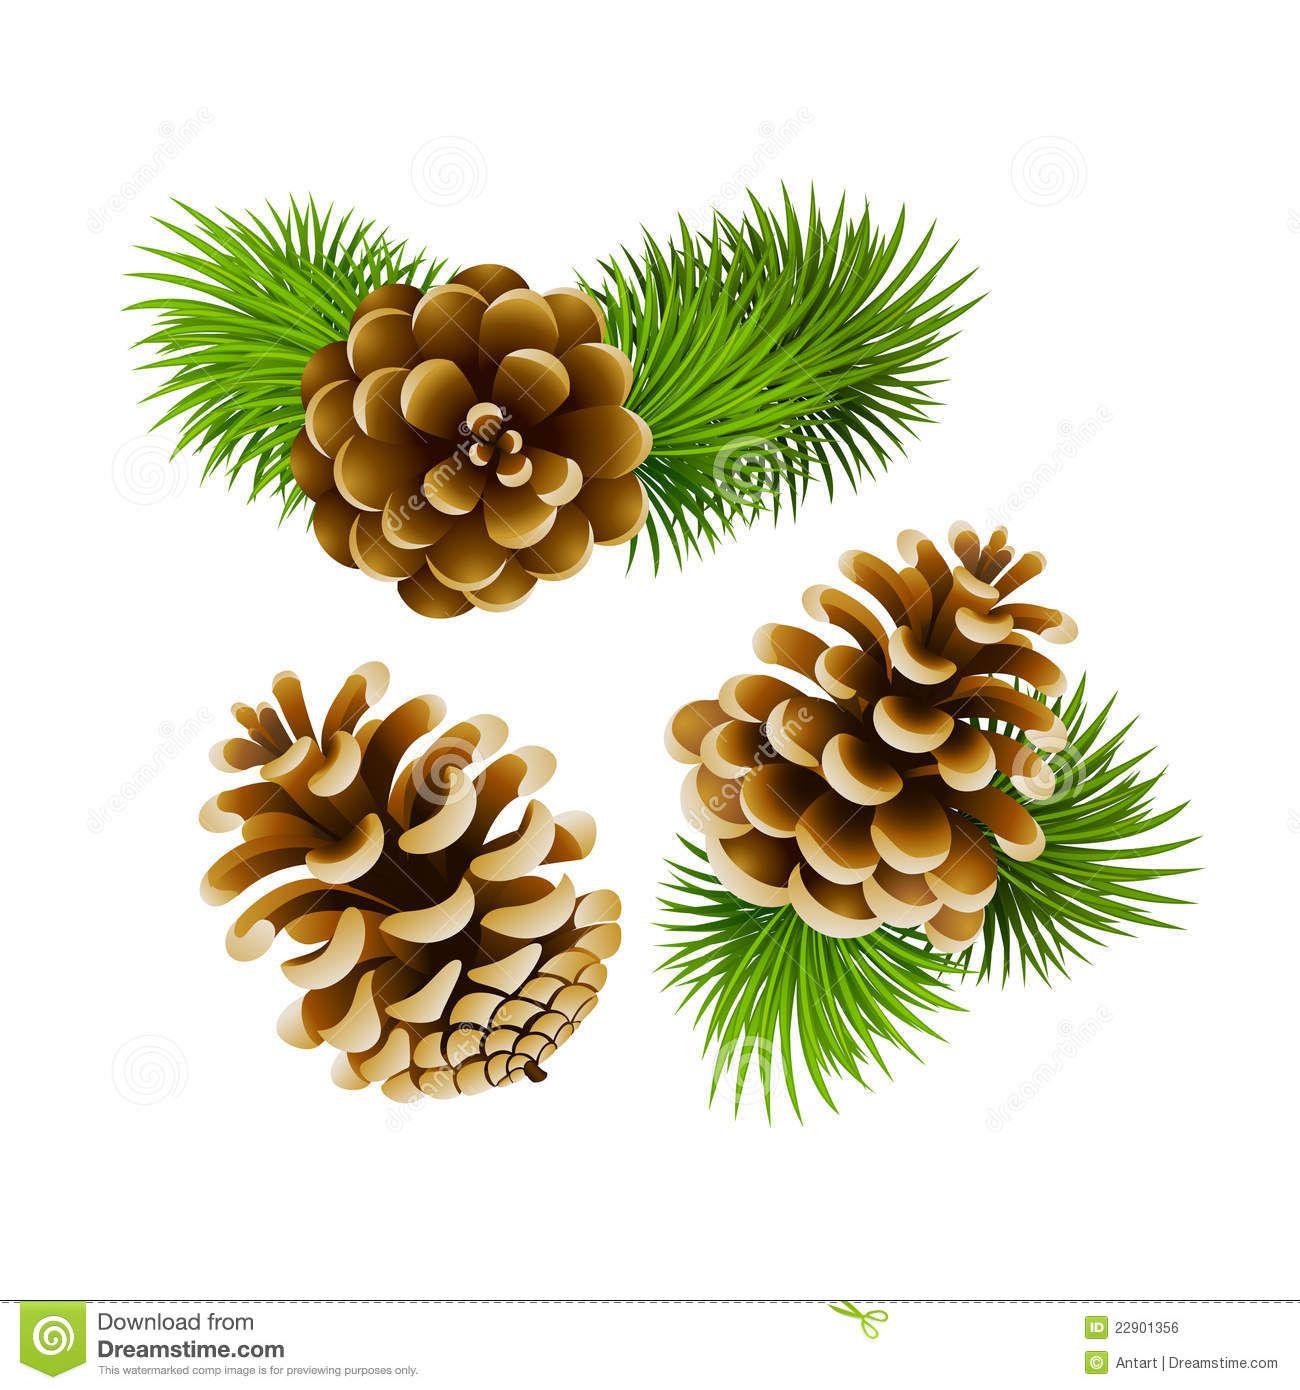 Gymnosperm Pine Illustration Google Search Imagenes De Navidad Fondos Pintar En Tela Imagenes De Navidad